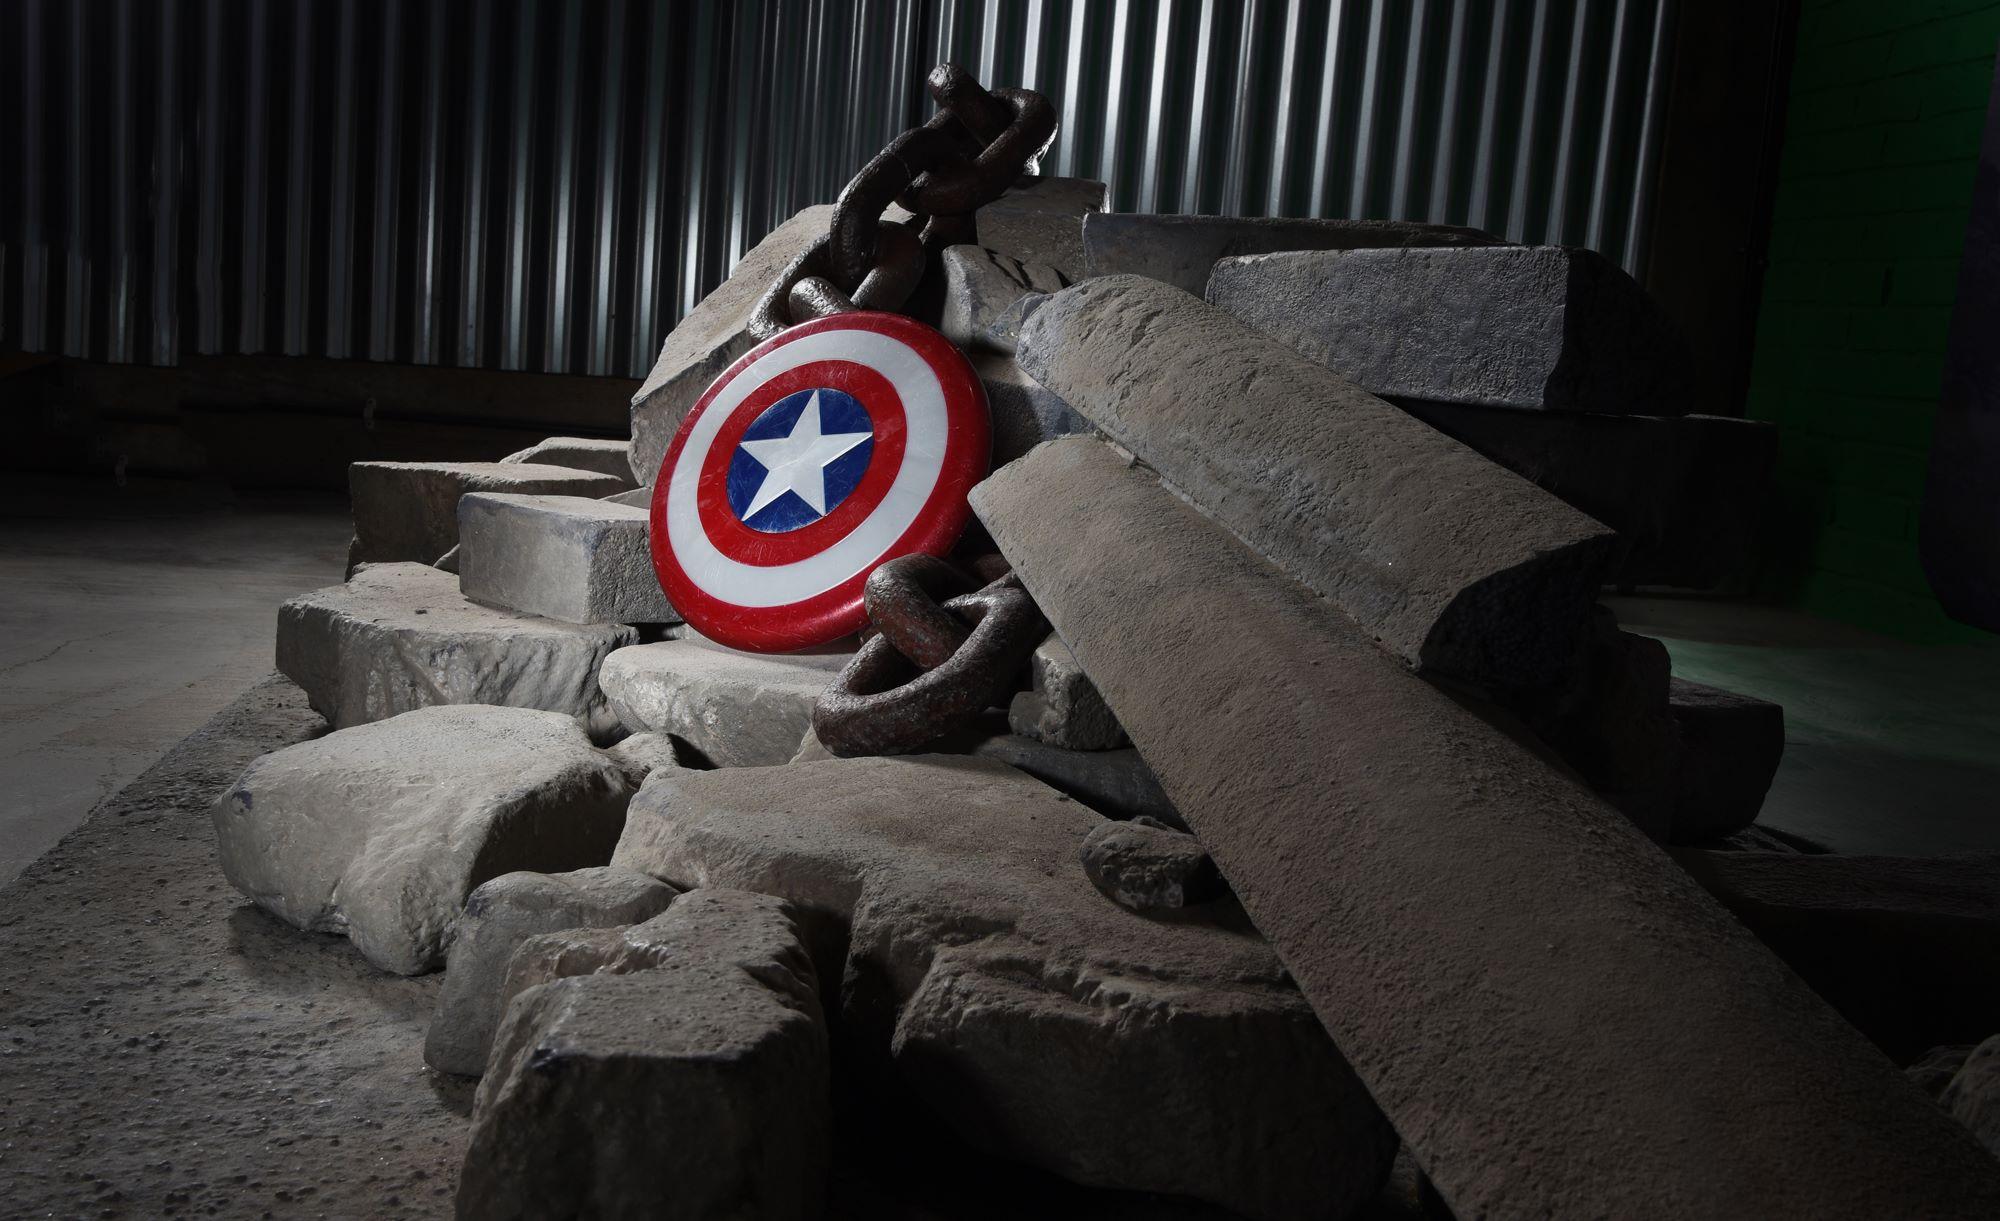 Testing our superhero set